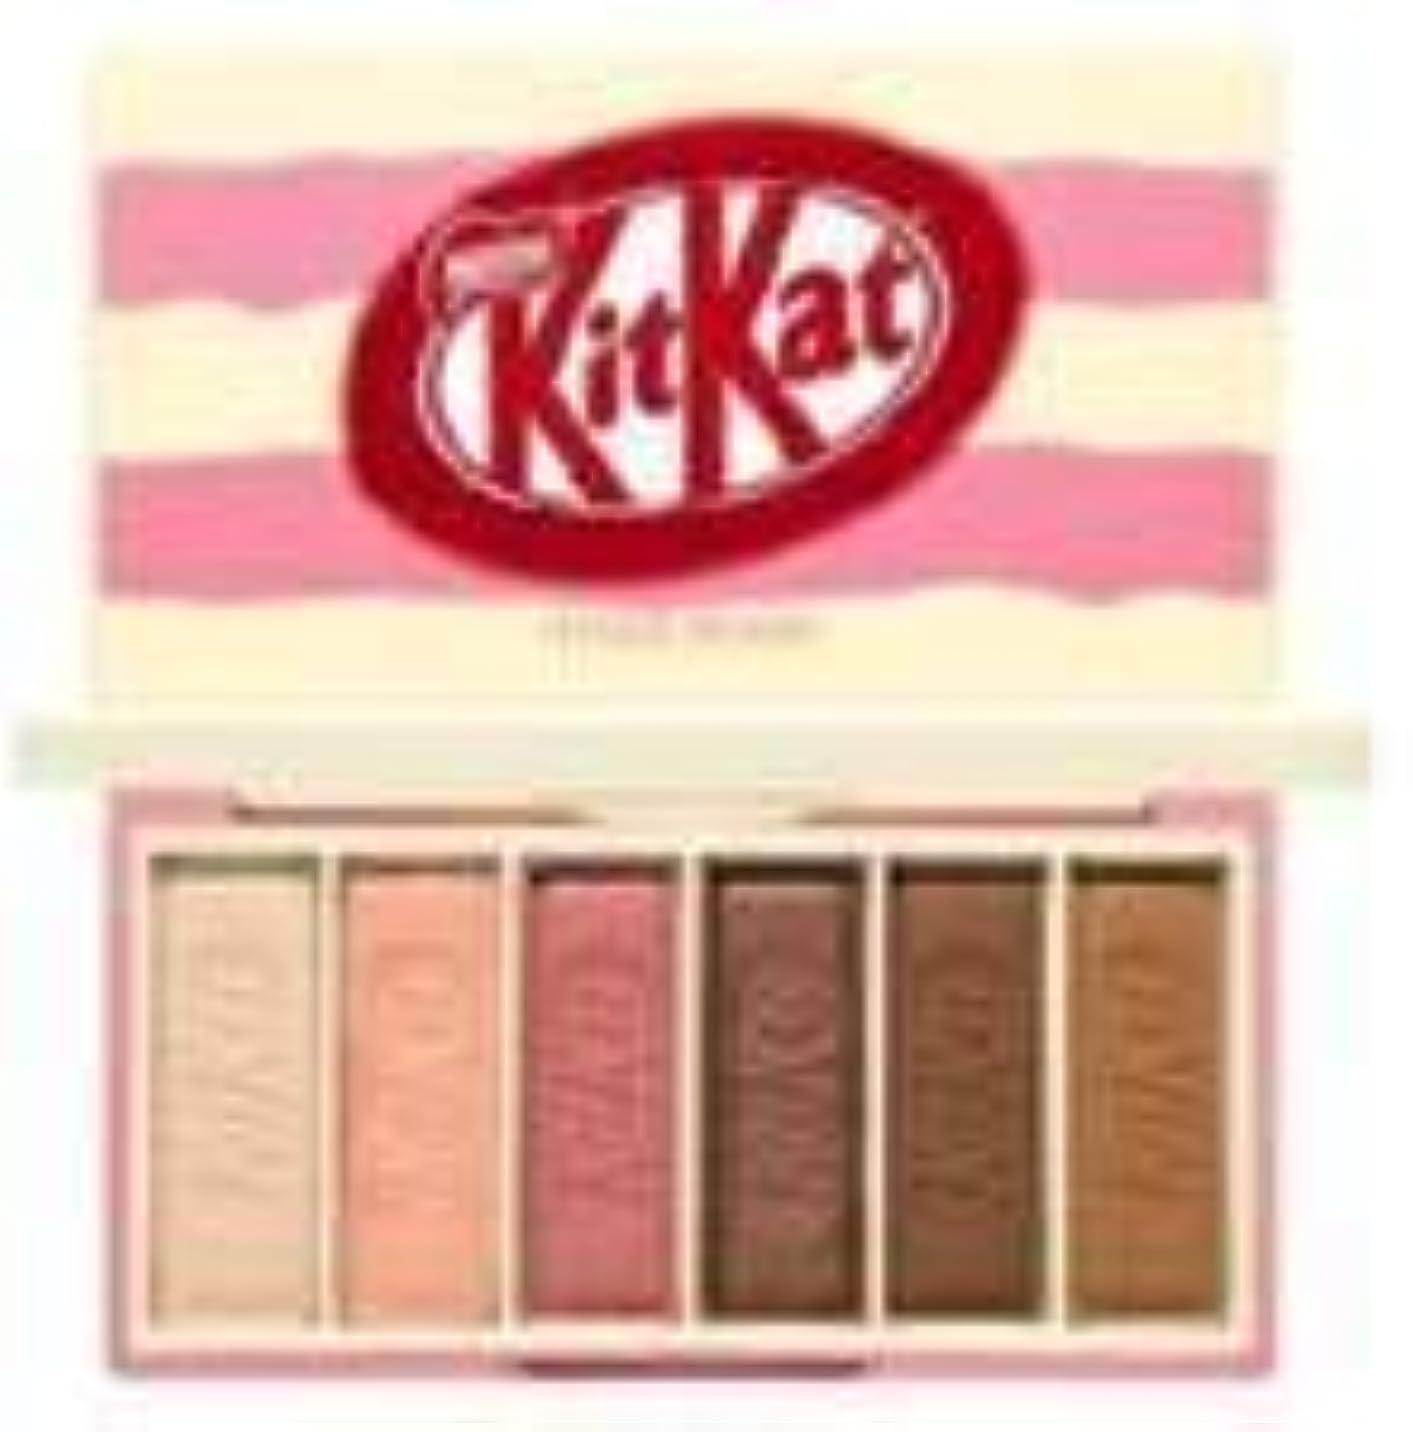 ジュニアベジタリアン語エチュードハウス キットカット プレイカラー アイズ ミニ キット 1*6g / ETUDE HOUSE KitKat Play Color Eyes Mini Kit #2 KitKat Strawberry Tiramisu...